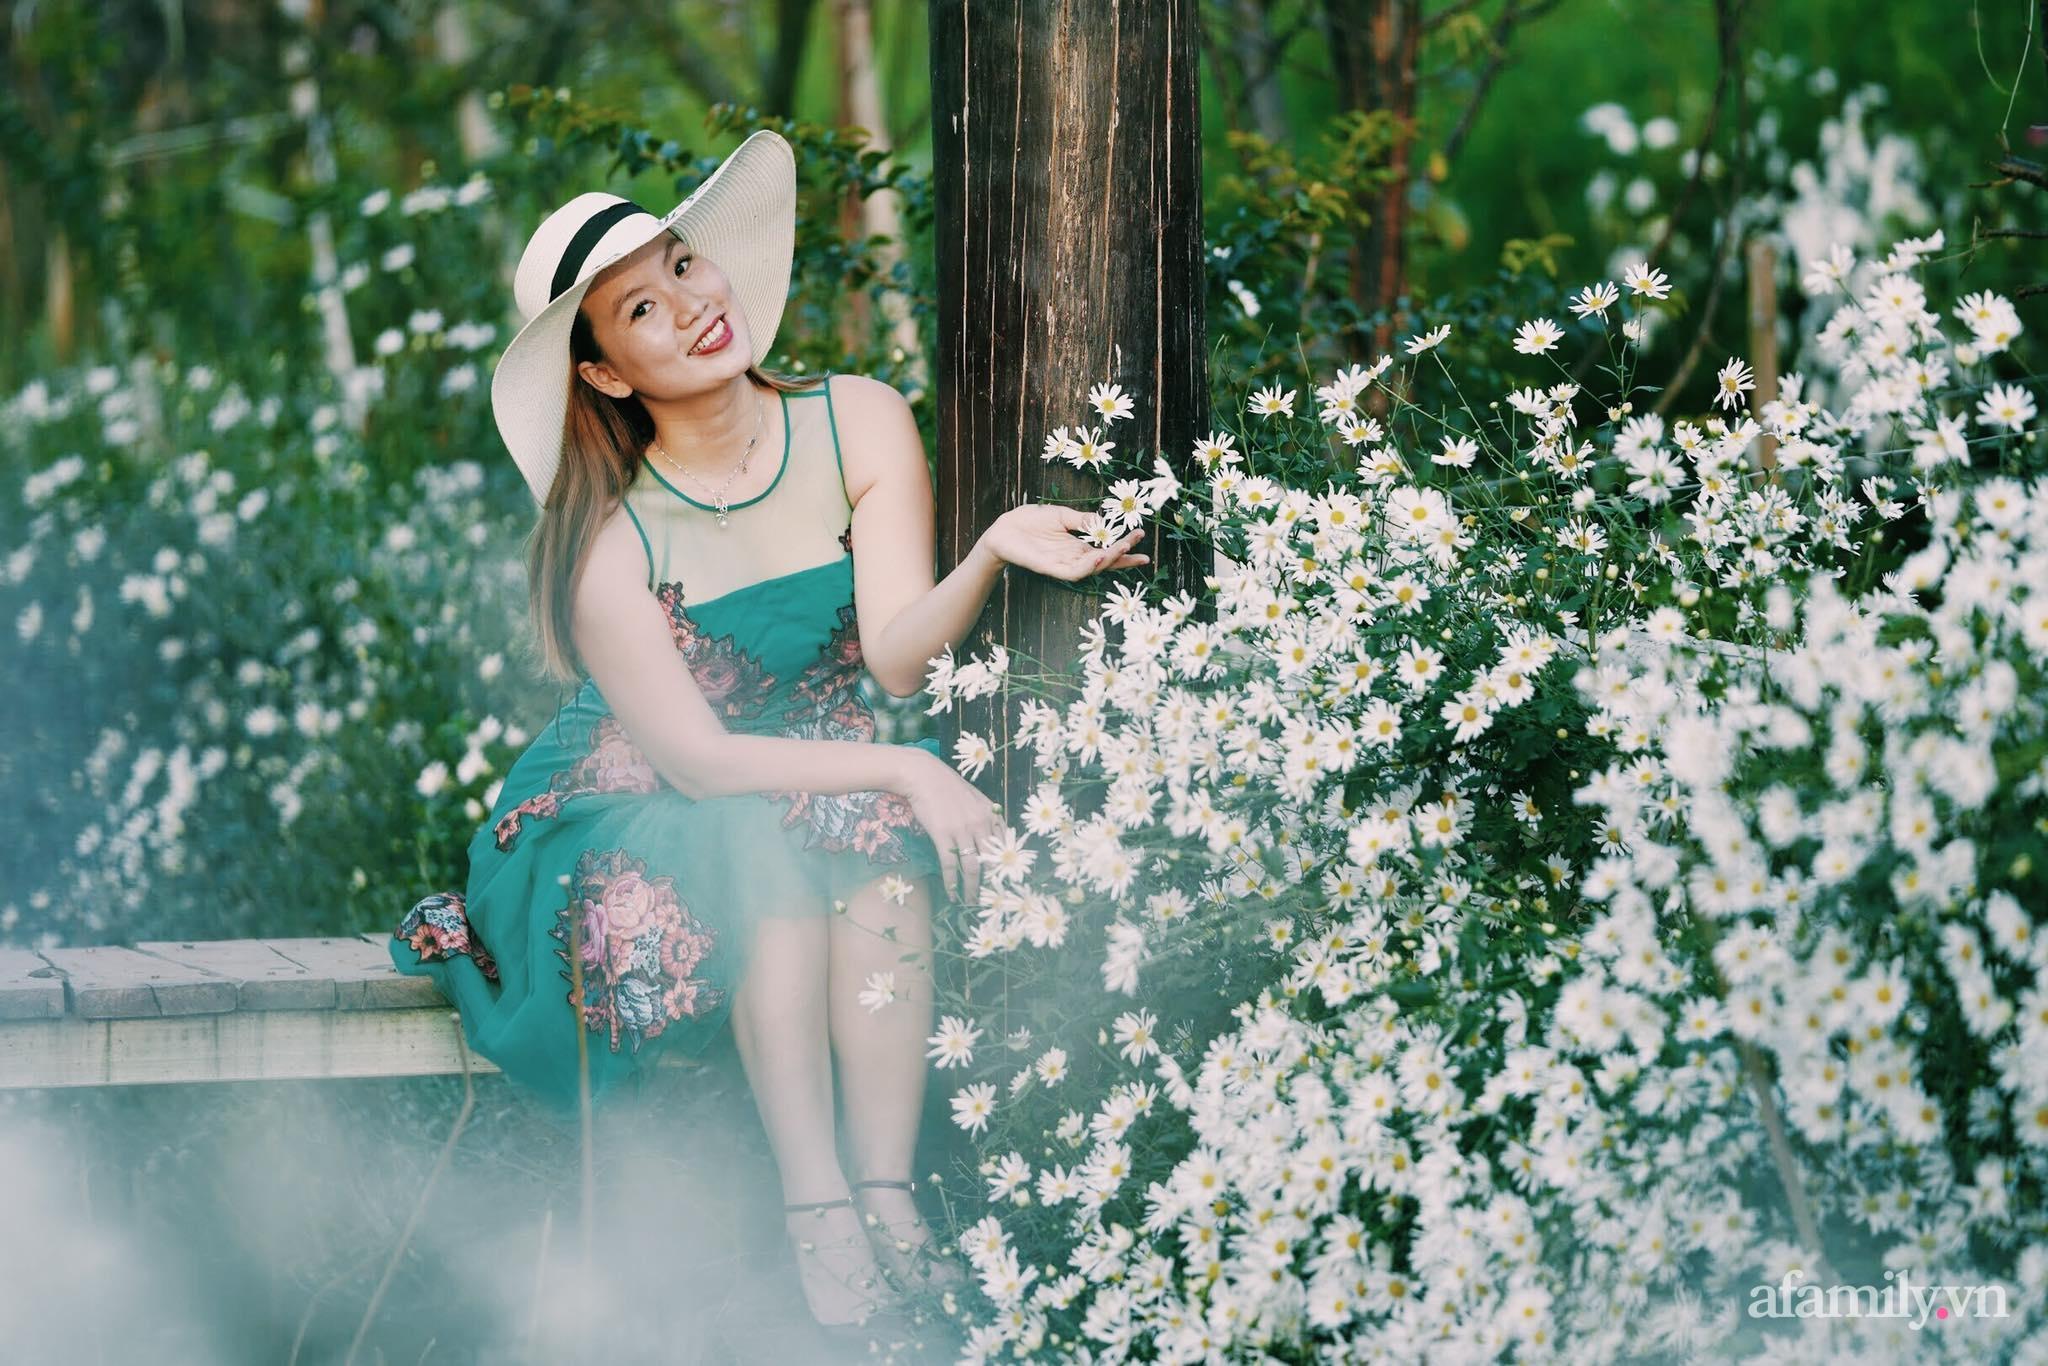 """Sở hữu sương sương gần 400 bộ bát đĩa gốm Nhật, cựu hoa hậu Việt Nam bật mí cách chơi """"độc nhất vô nhị"""" - Ảnh 2."""